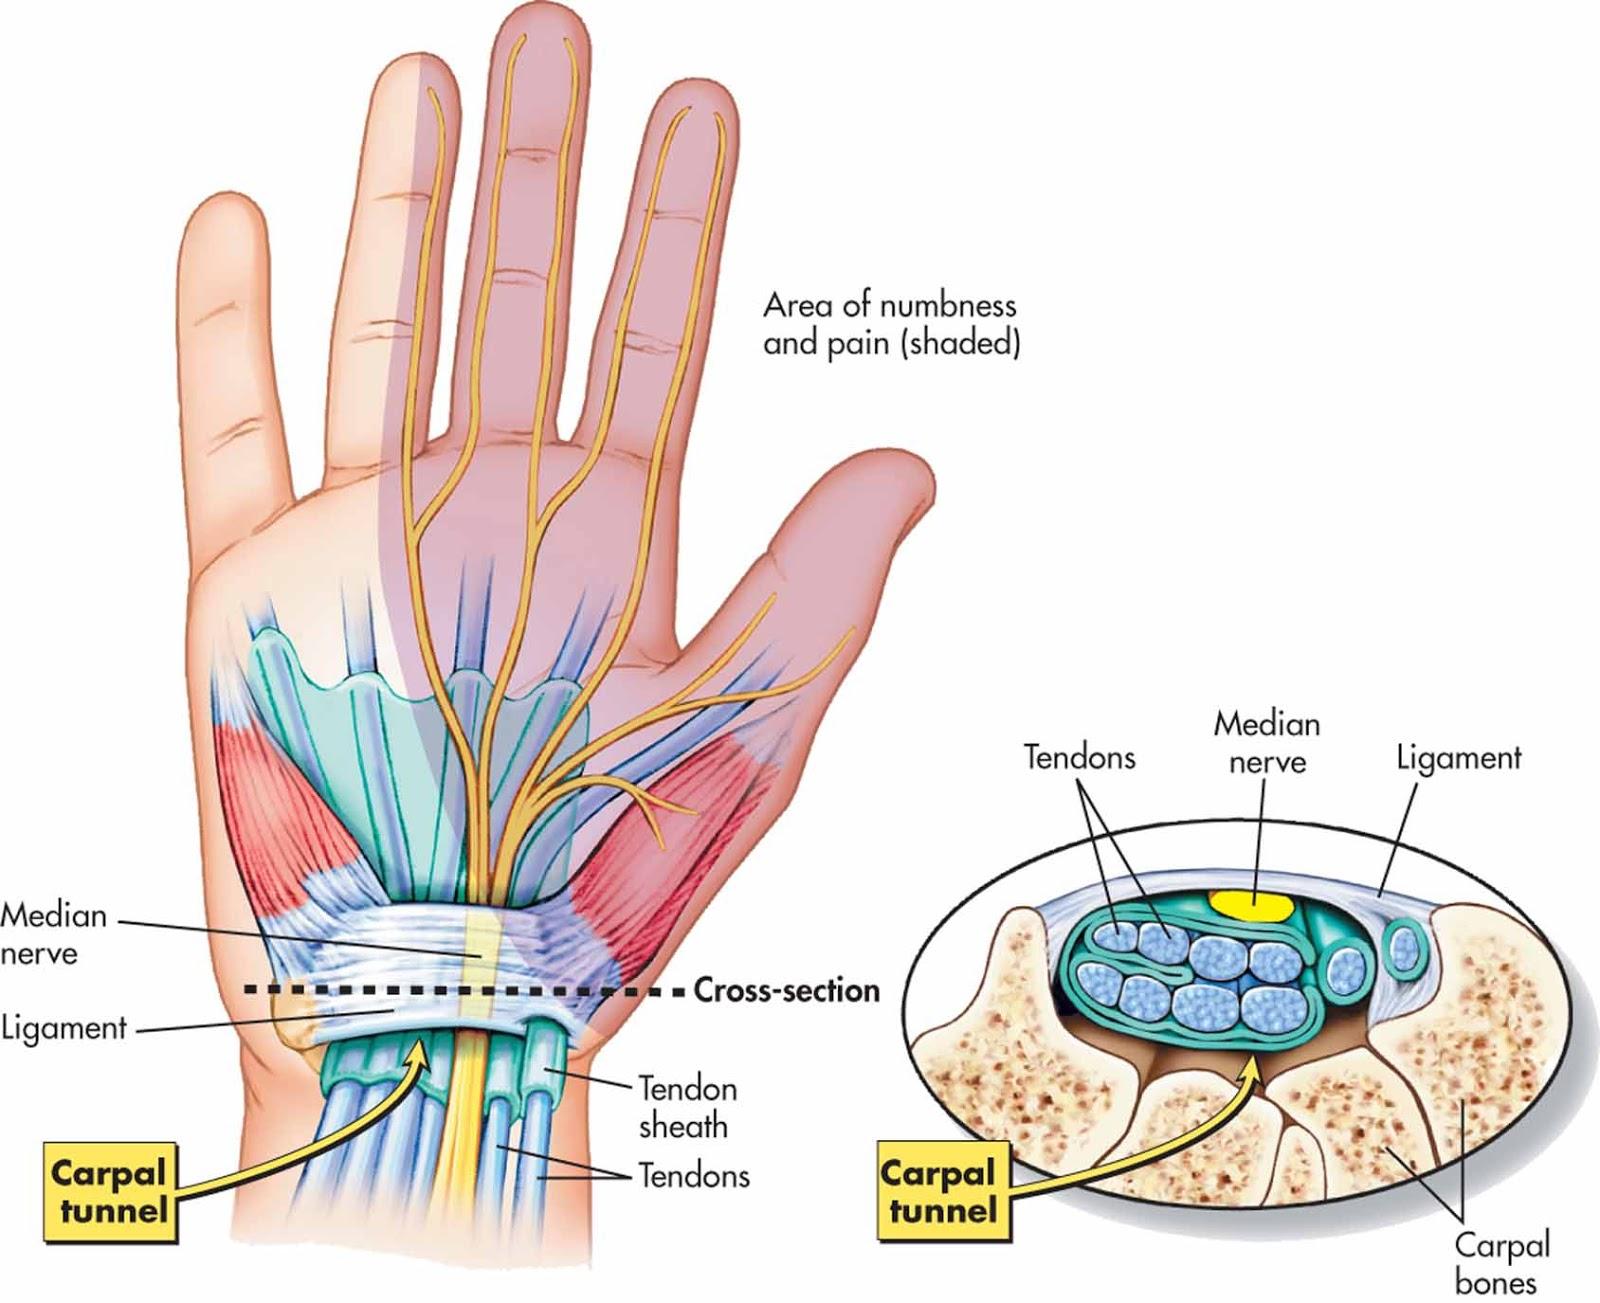 sore sąnariai ant kairiosios rankos pirštų liaudies gynimo priemonės nuo sąnarių nuomonių uždegimas